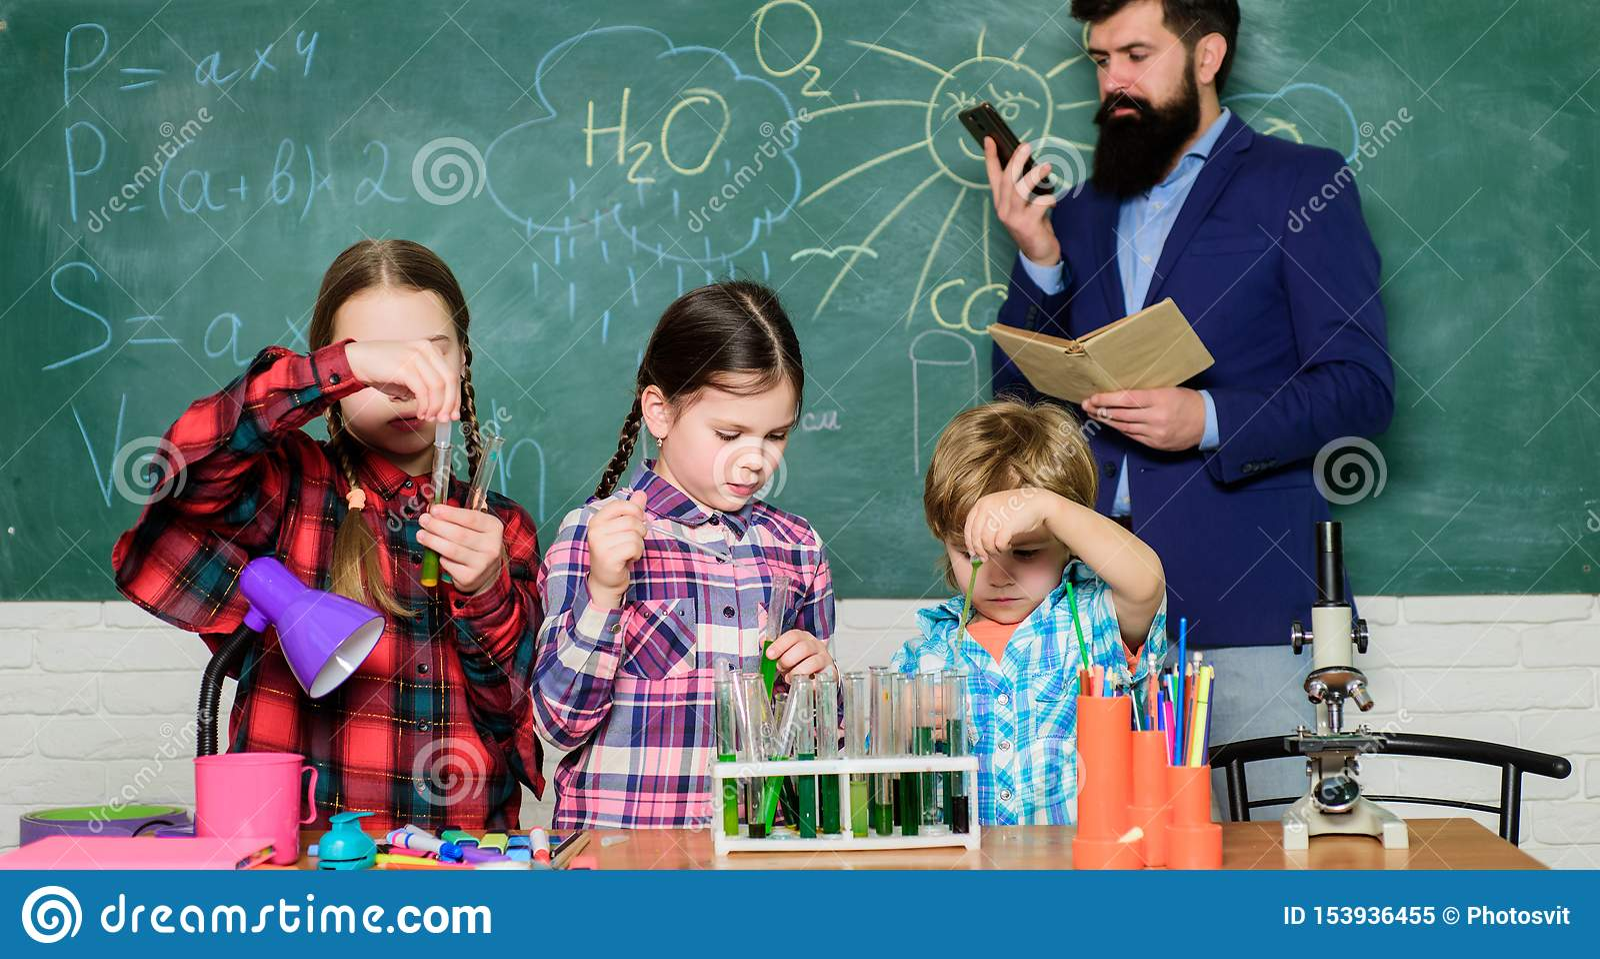 Παιδιά στη χημεία εκμάθησης παλτών εργαστηρίων στο σχολικό εργαστήριο εργαστήριο χημείας ευτυχής δάσκαλος παιδιών o παραγωγή